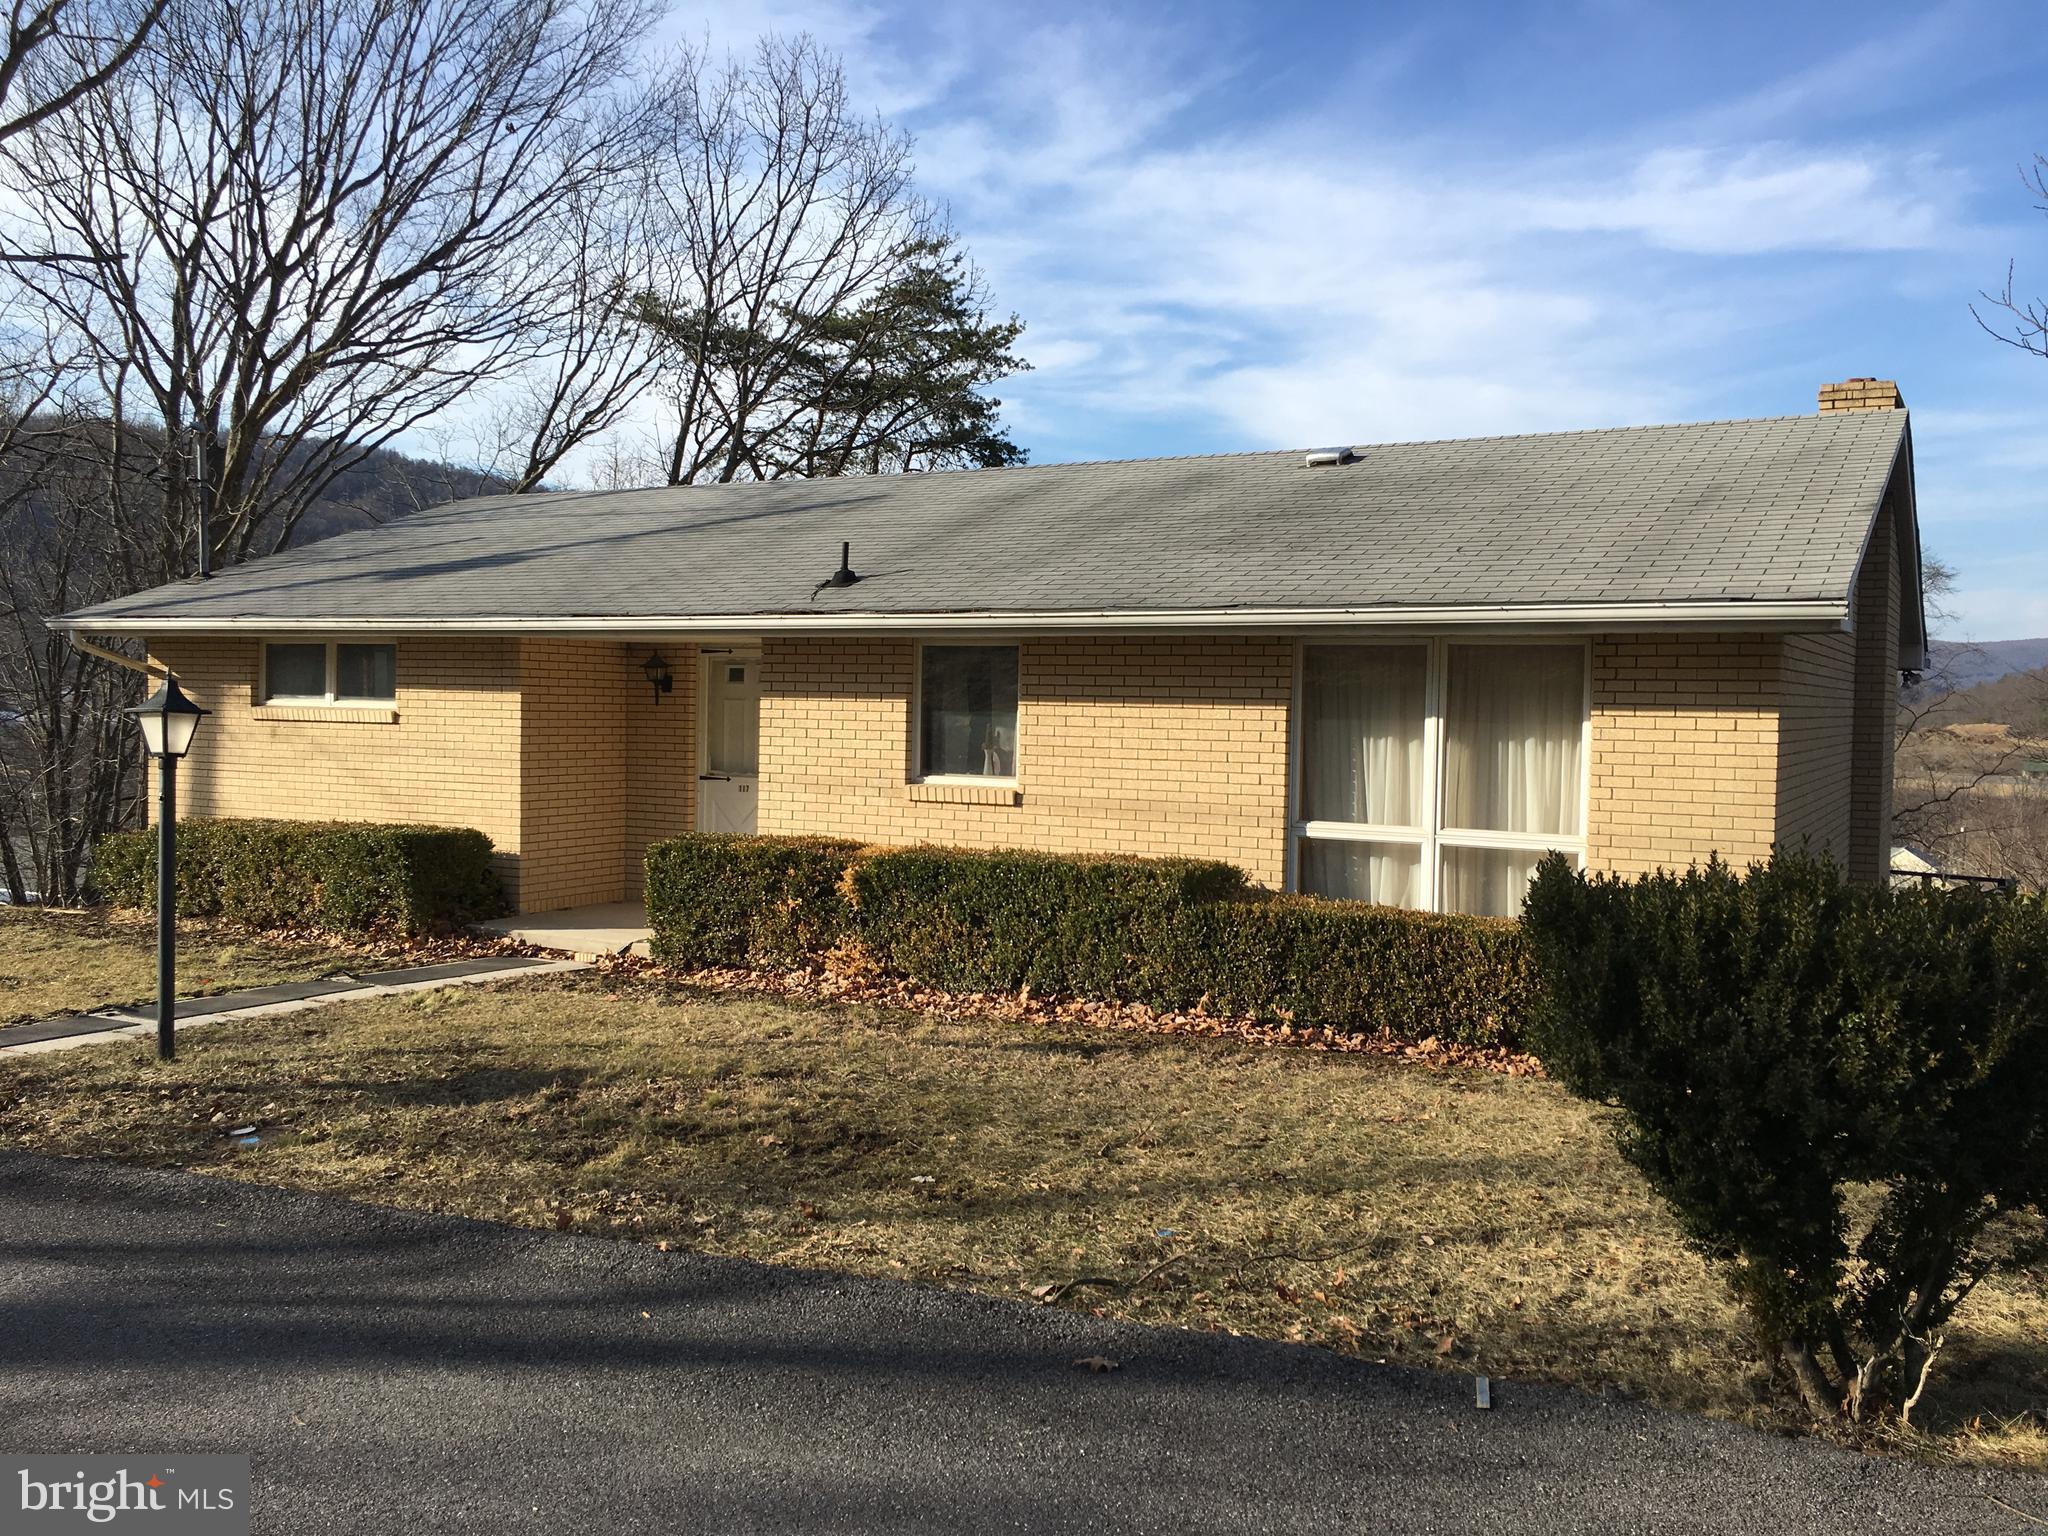 117 CAROLYN STREET, WILEY FORD, WV 26767